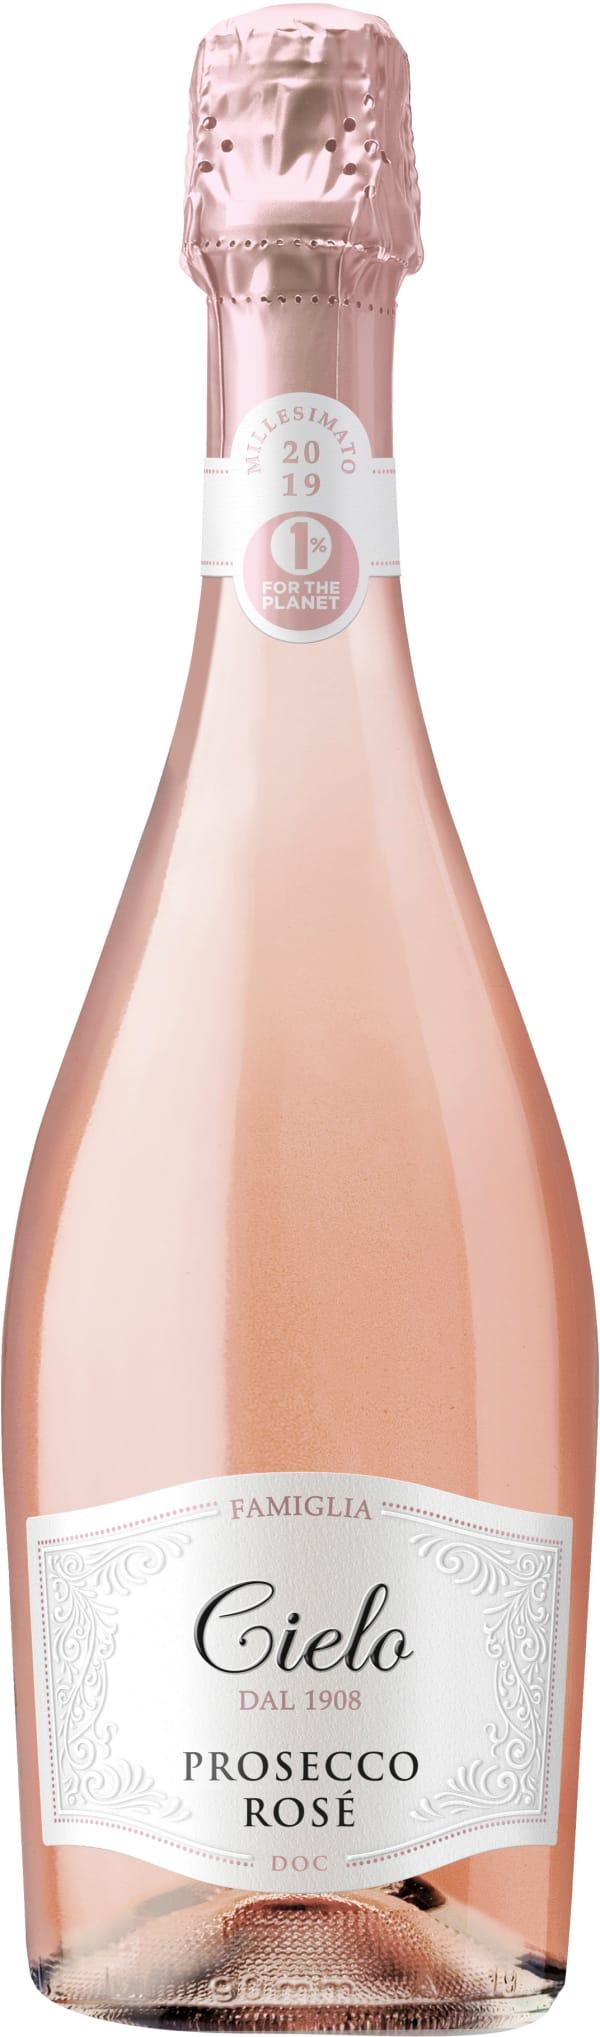 Cielo Prosecco Rosé Extra Dry 2019